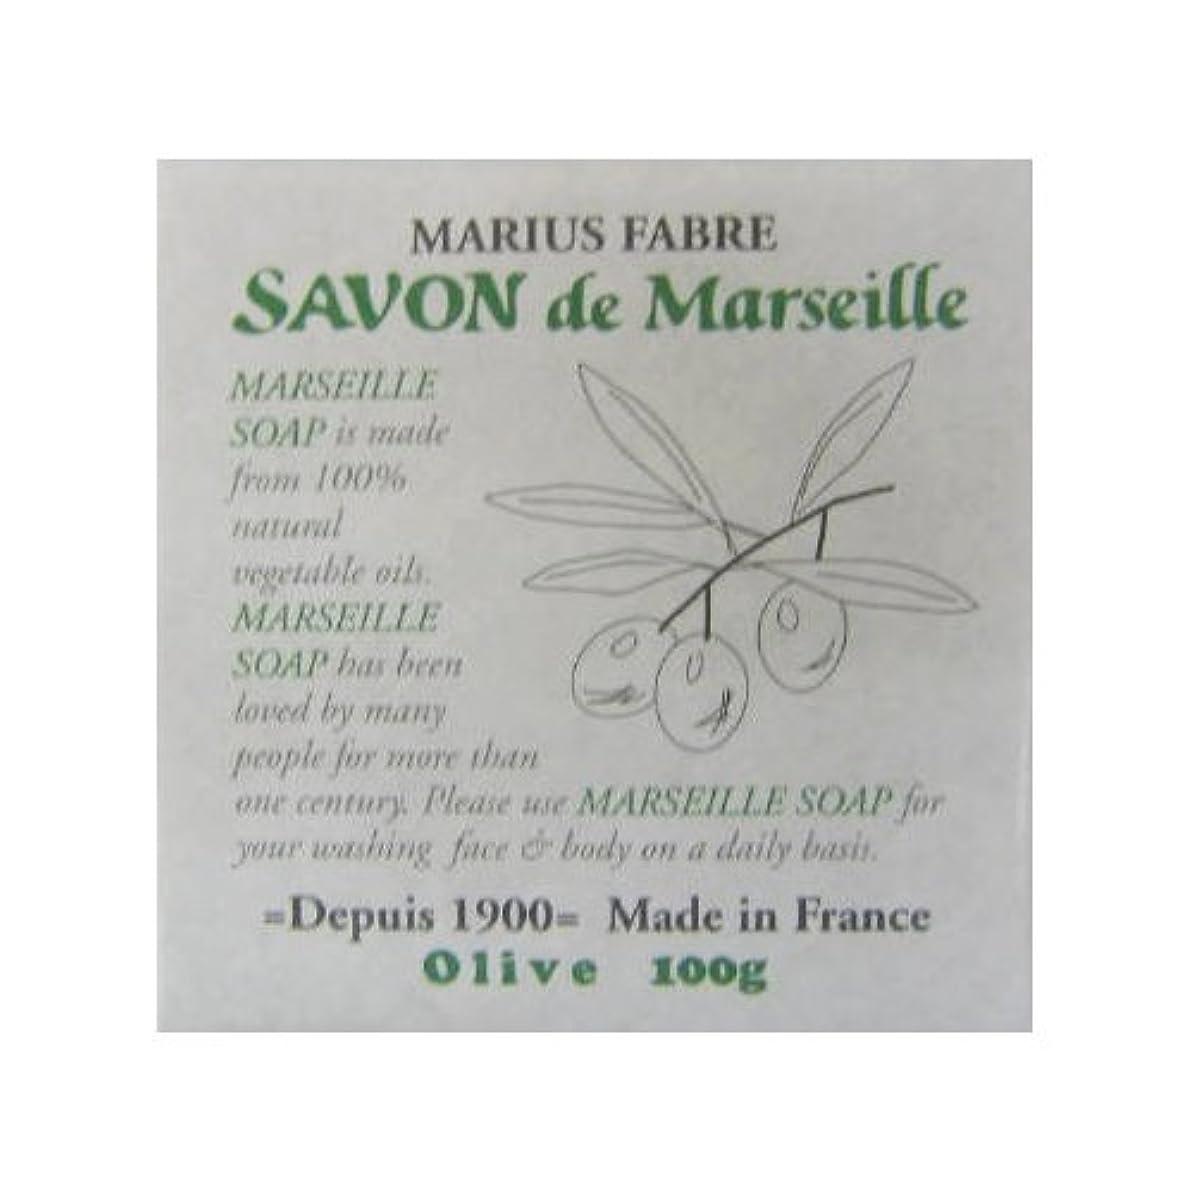 耕す気取らない座るサボン ド マルセイユ オリーブ 100g